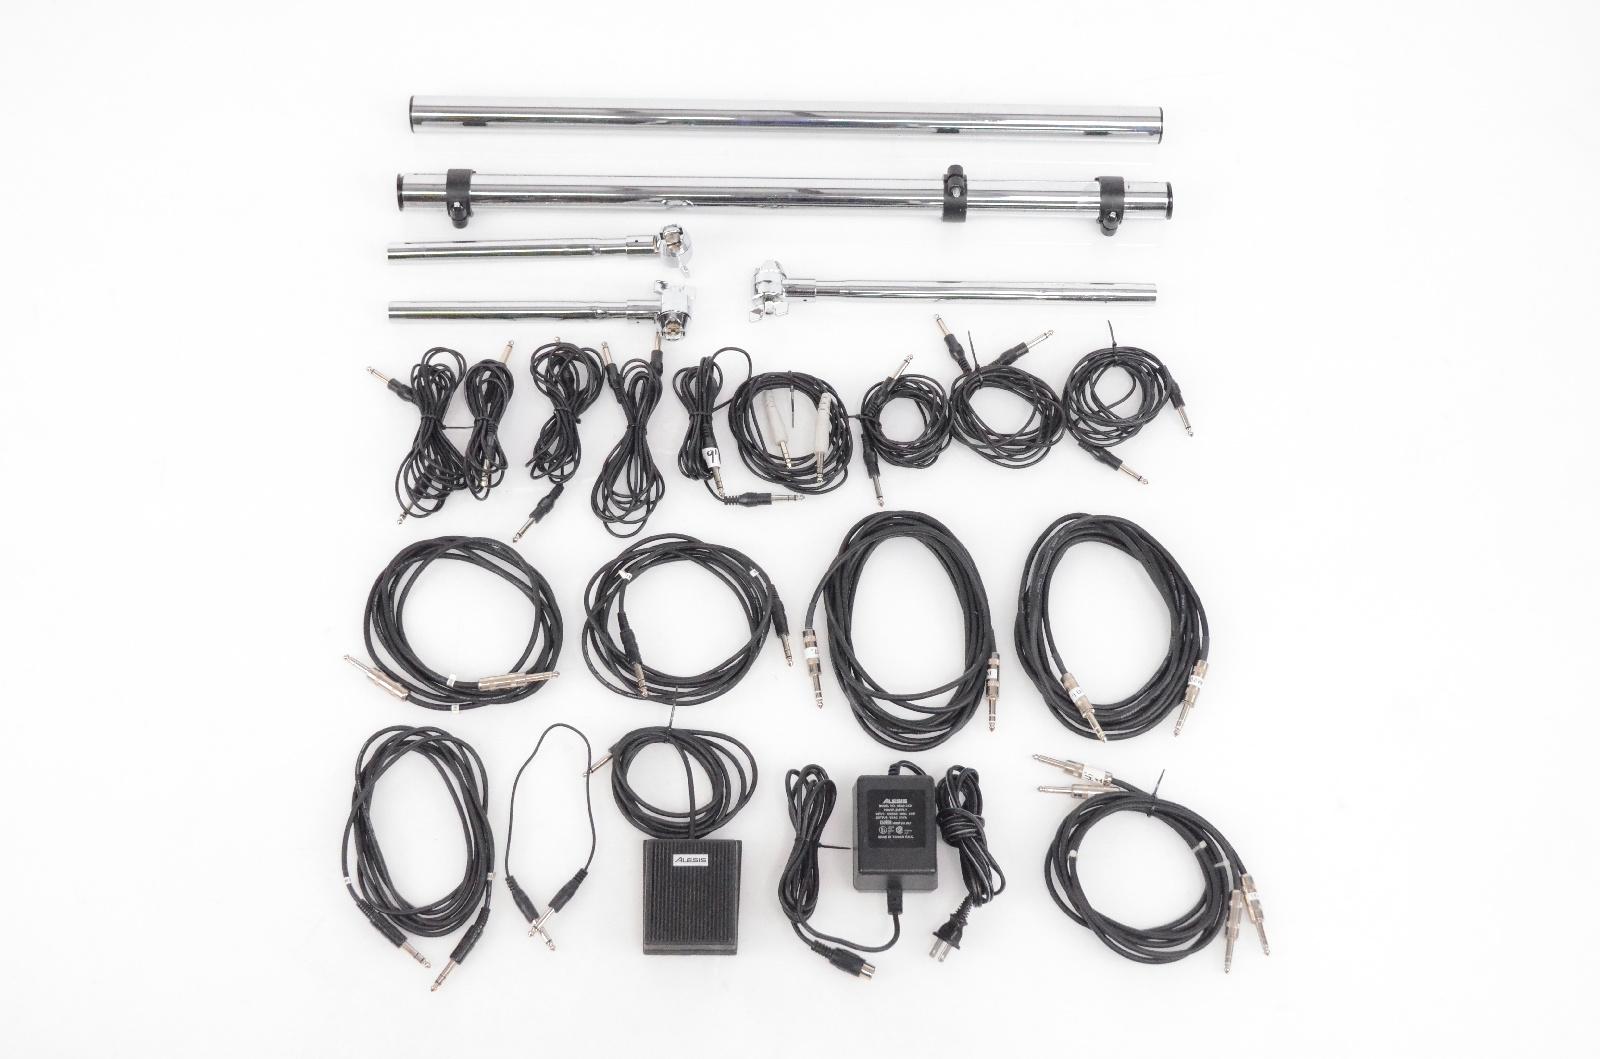 Alesis DM Pro Electronic Drum Set w/ Module Cables Pedals